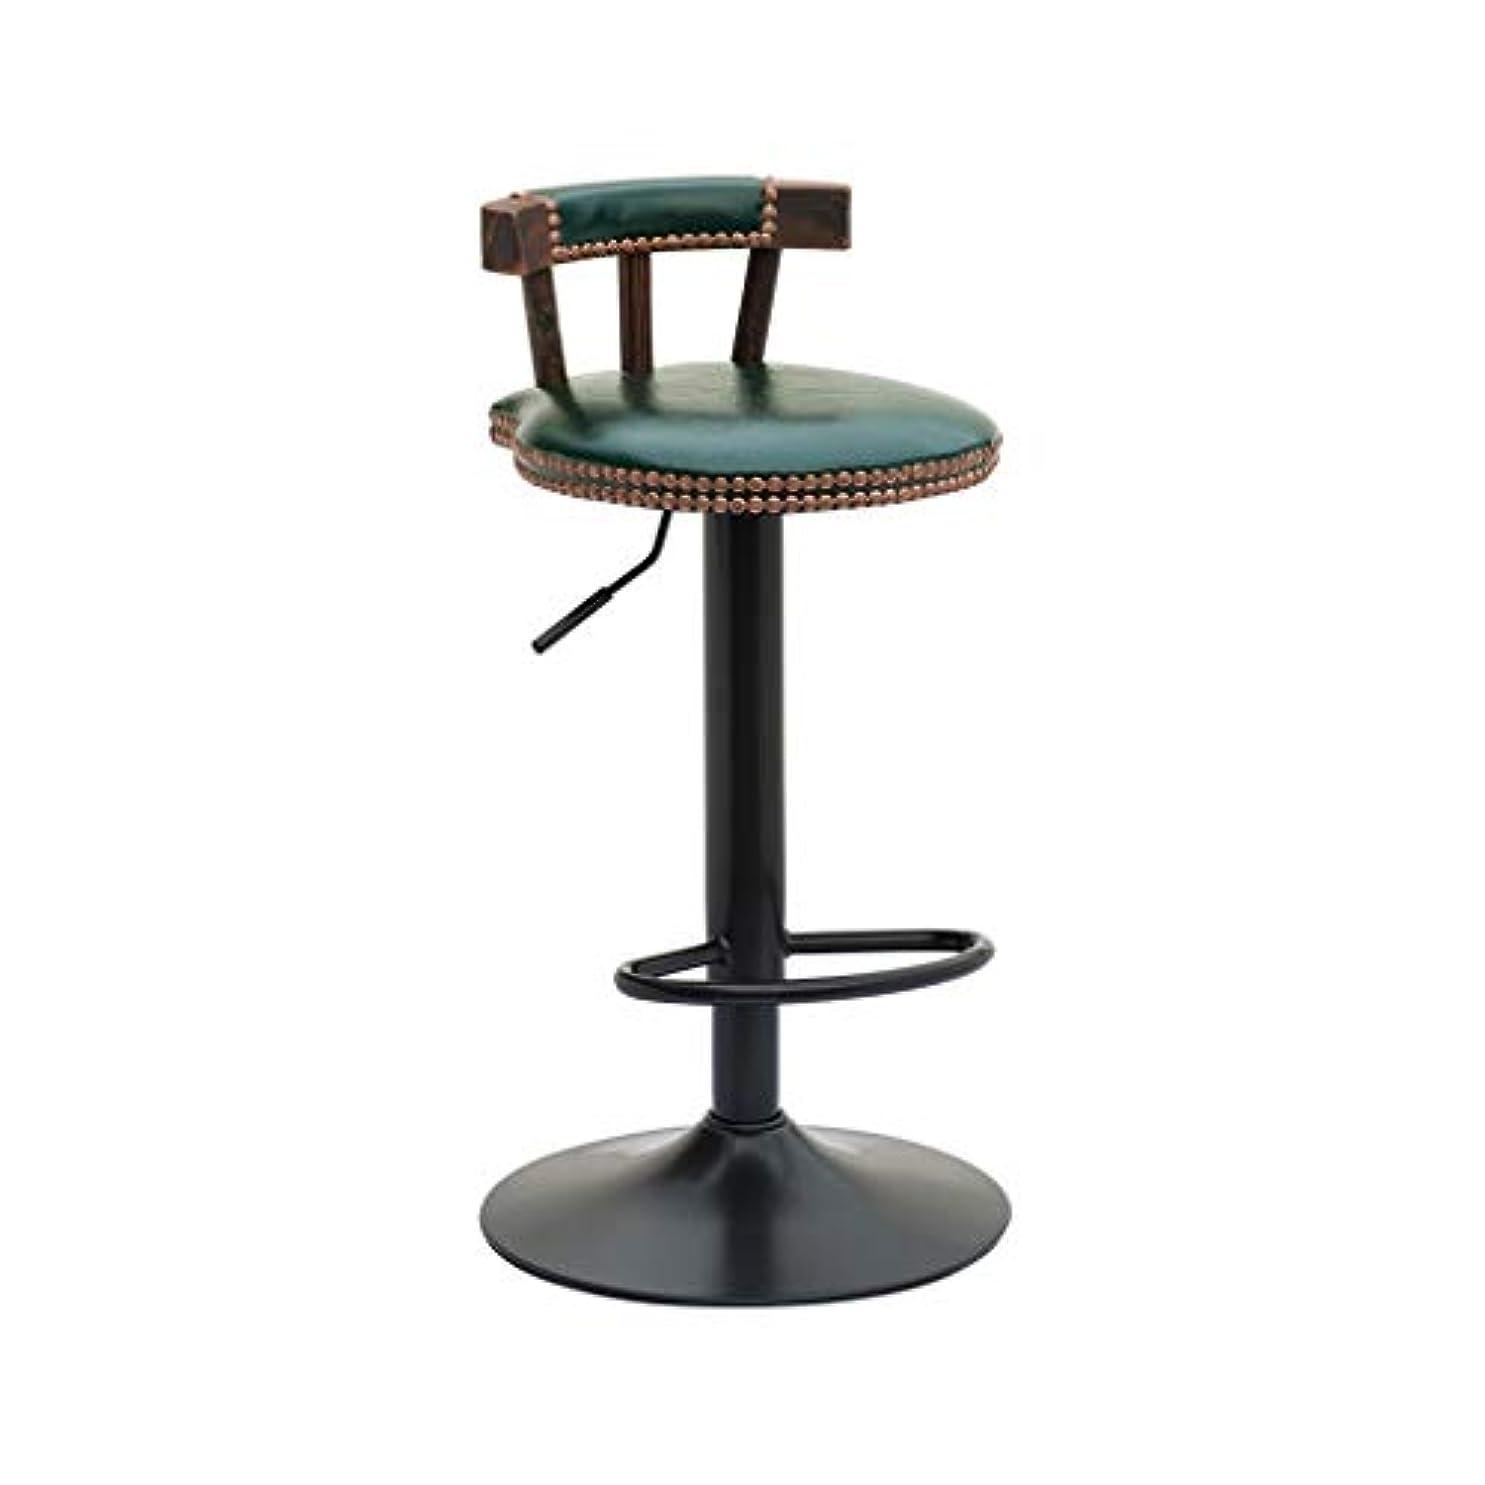 曲最小通信するJYX バースツール、ソリッドウッド製シートバックレストハイスツールリフト回転家庭用朝食ダイニングチェアレジャーカウンターチェア受付椅子